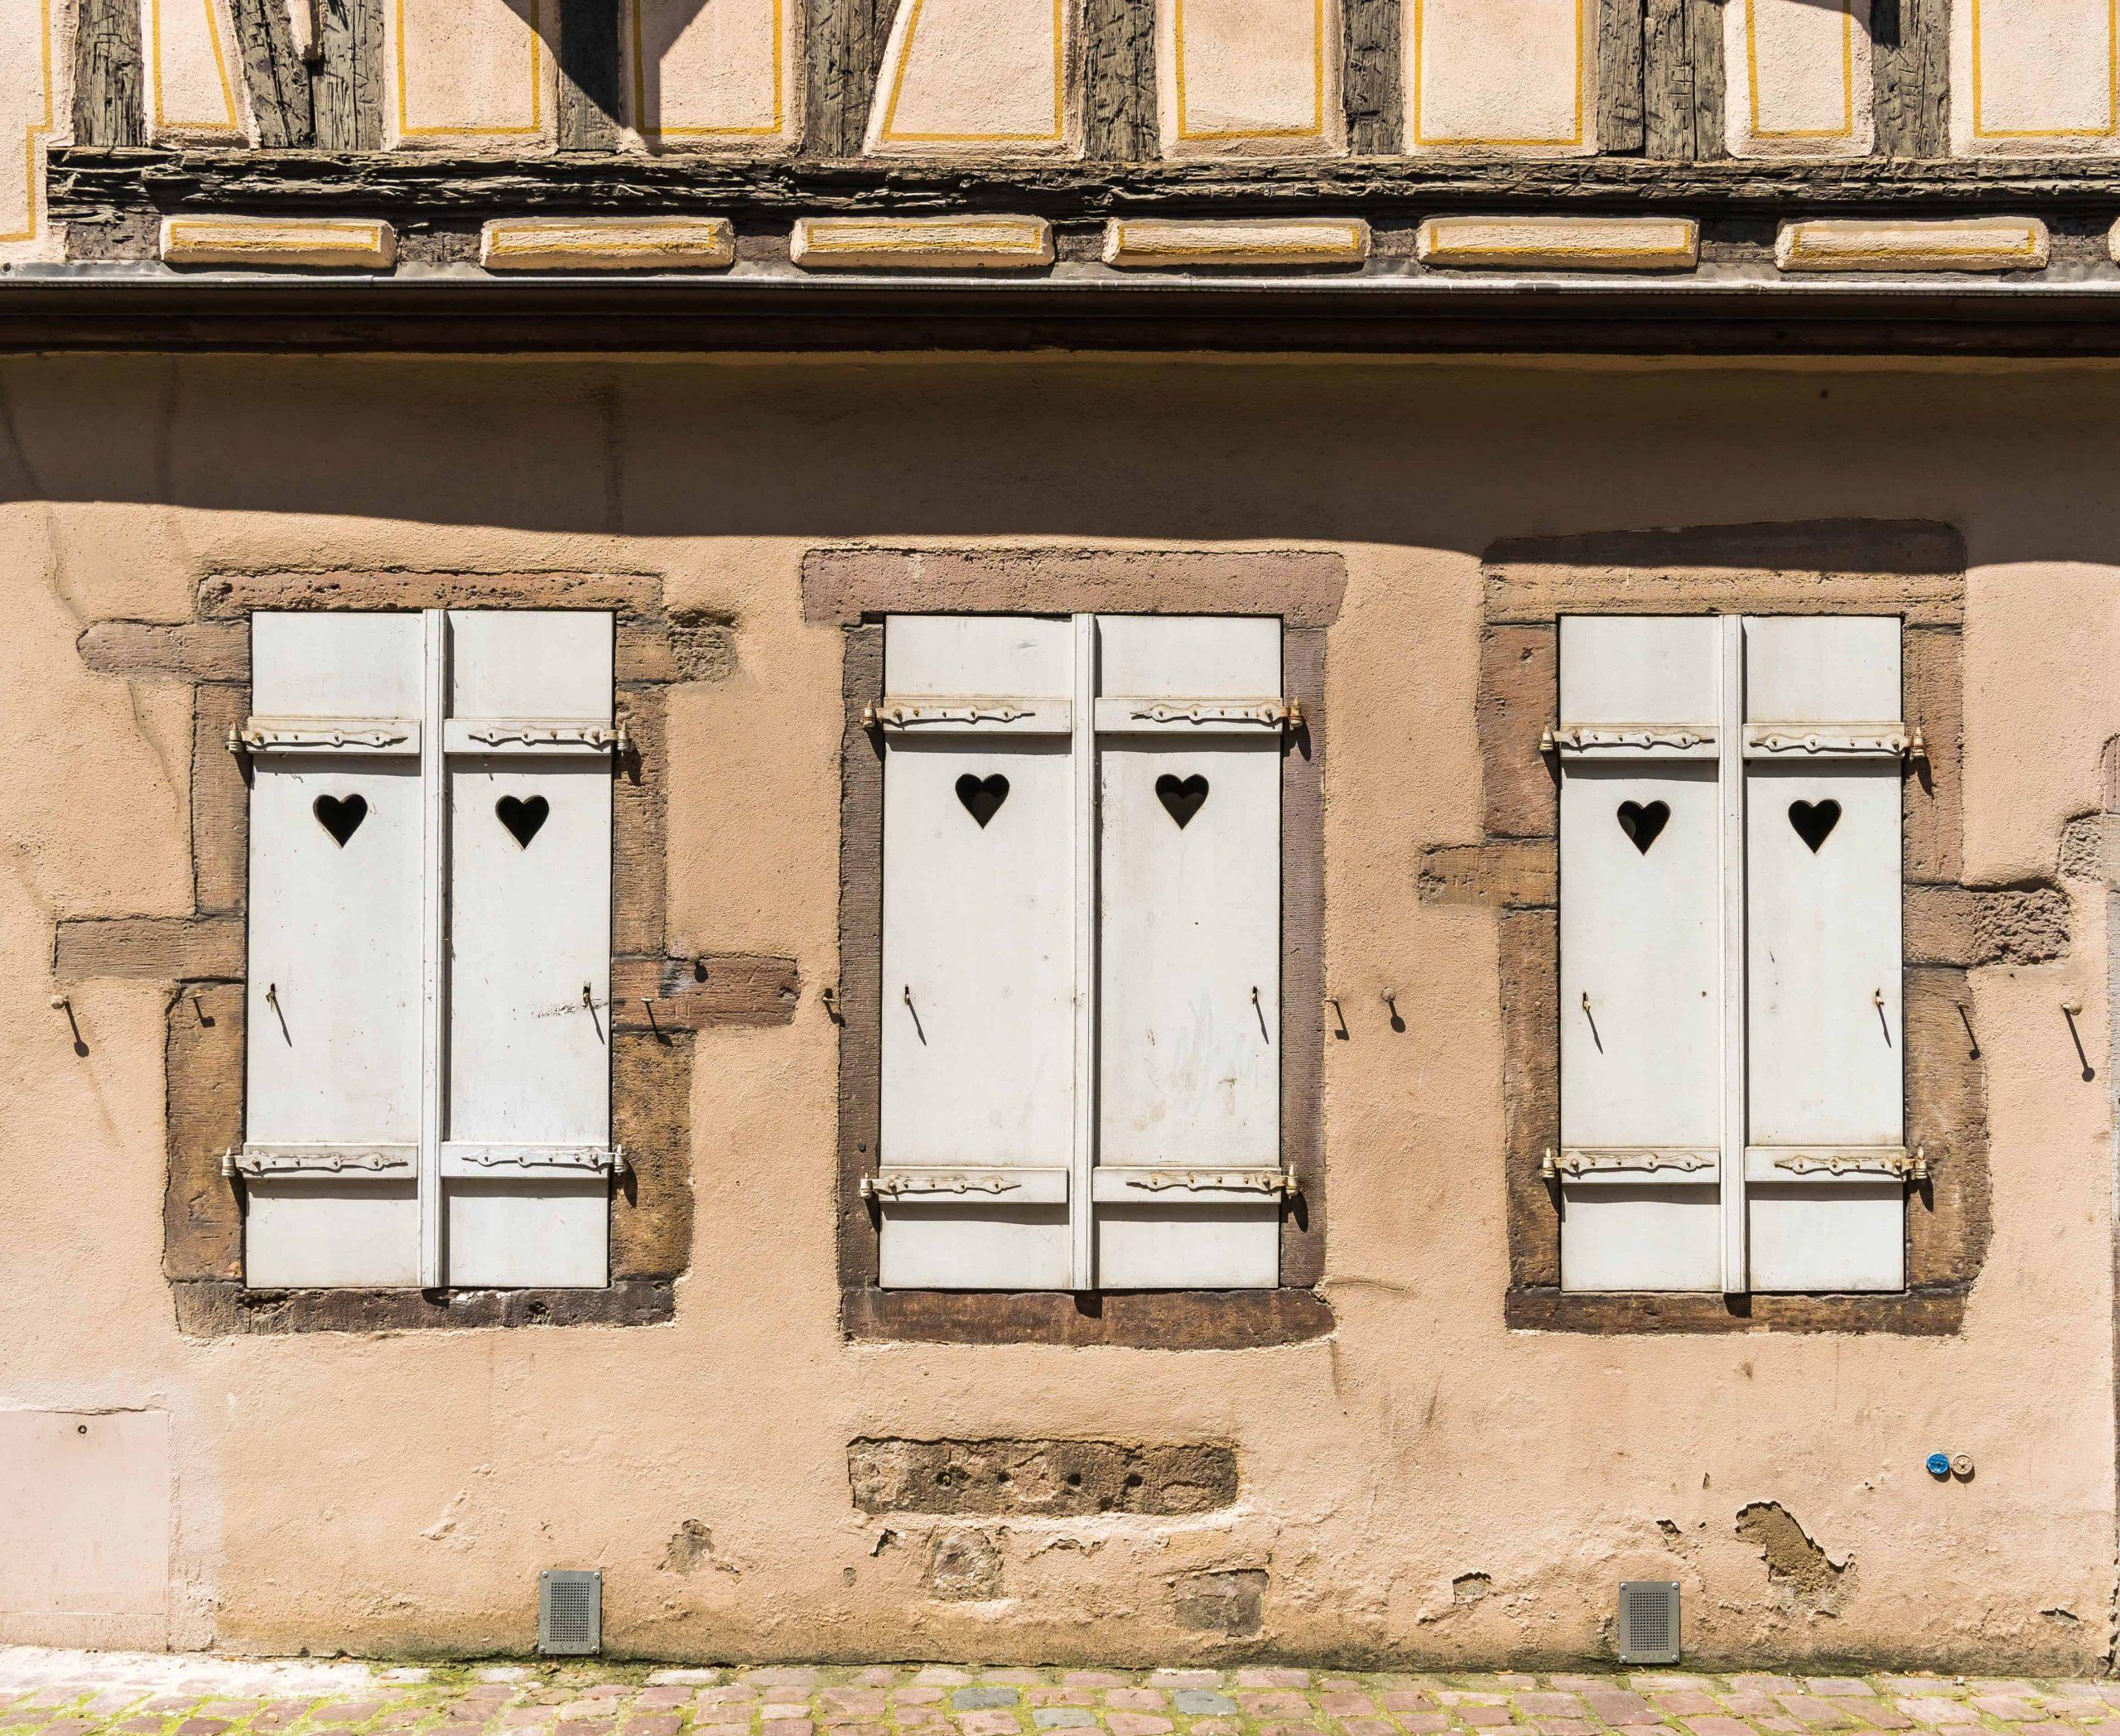 Full Size of Fenster Braunschweig Braun Kaufen Karlsruhe Steinheim Am Albuch Dortmund Weiding Kostenlose Bild Fassade Putzen Klebefolie Für Trocal Rollos Preisvergleich Fenster Fenster Braun